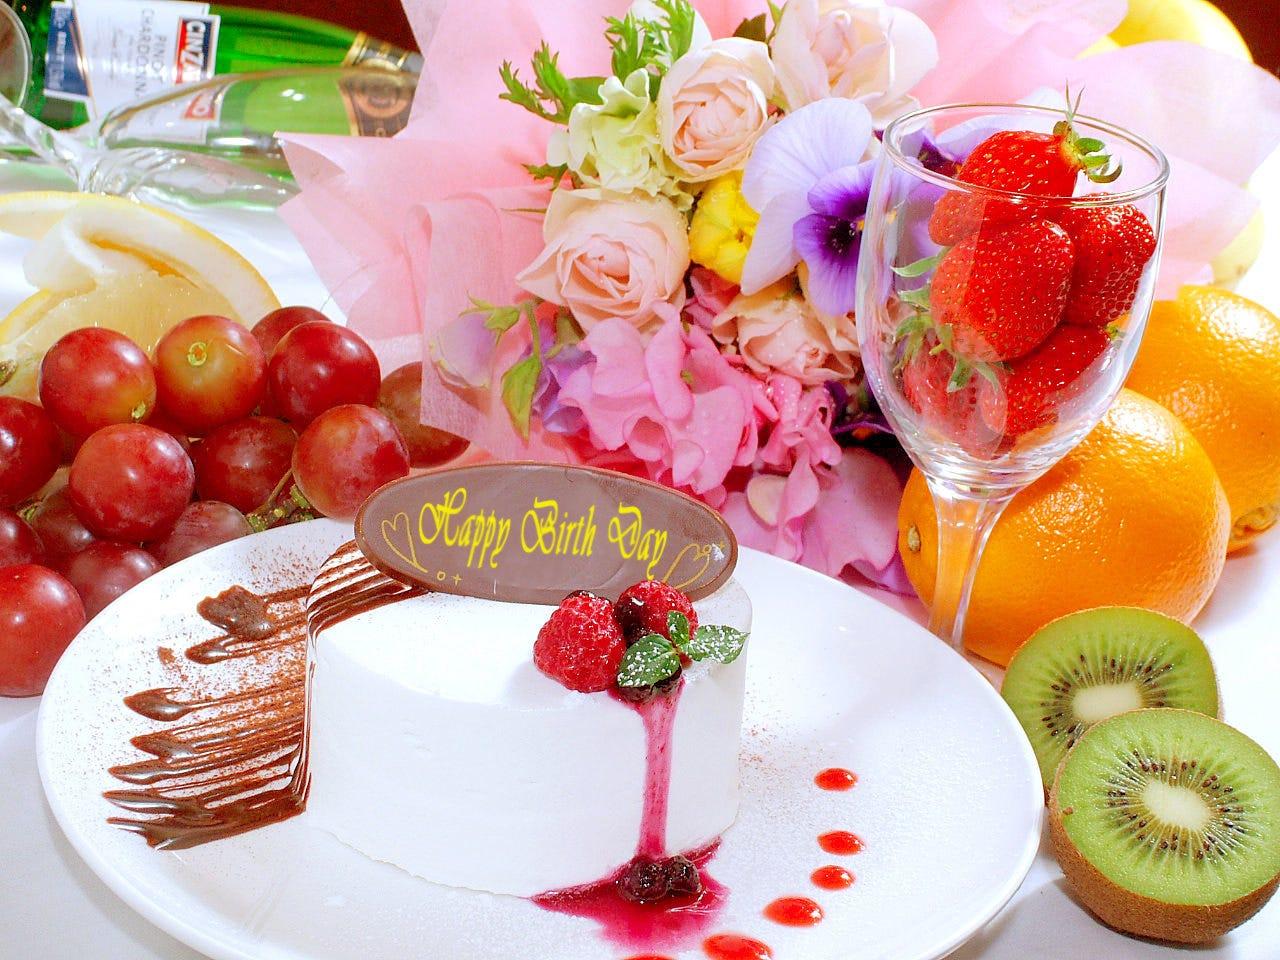 メッセージ入り手作りケーキ付【Anniversaryコース♪】お料理6品&ソフトドリンク3杯付⇒1980円